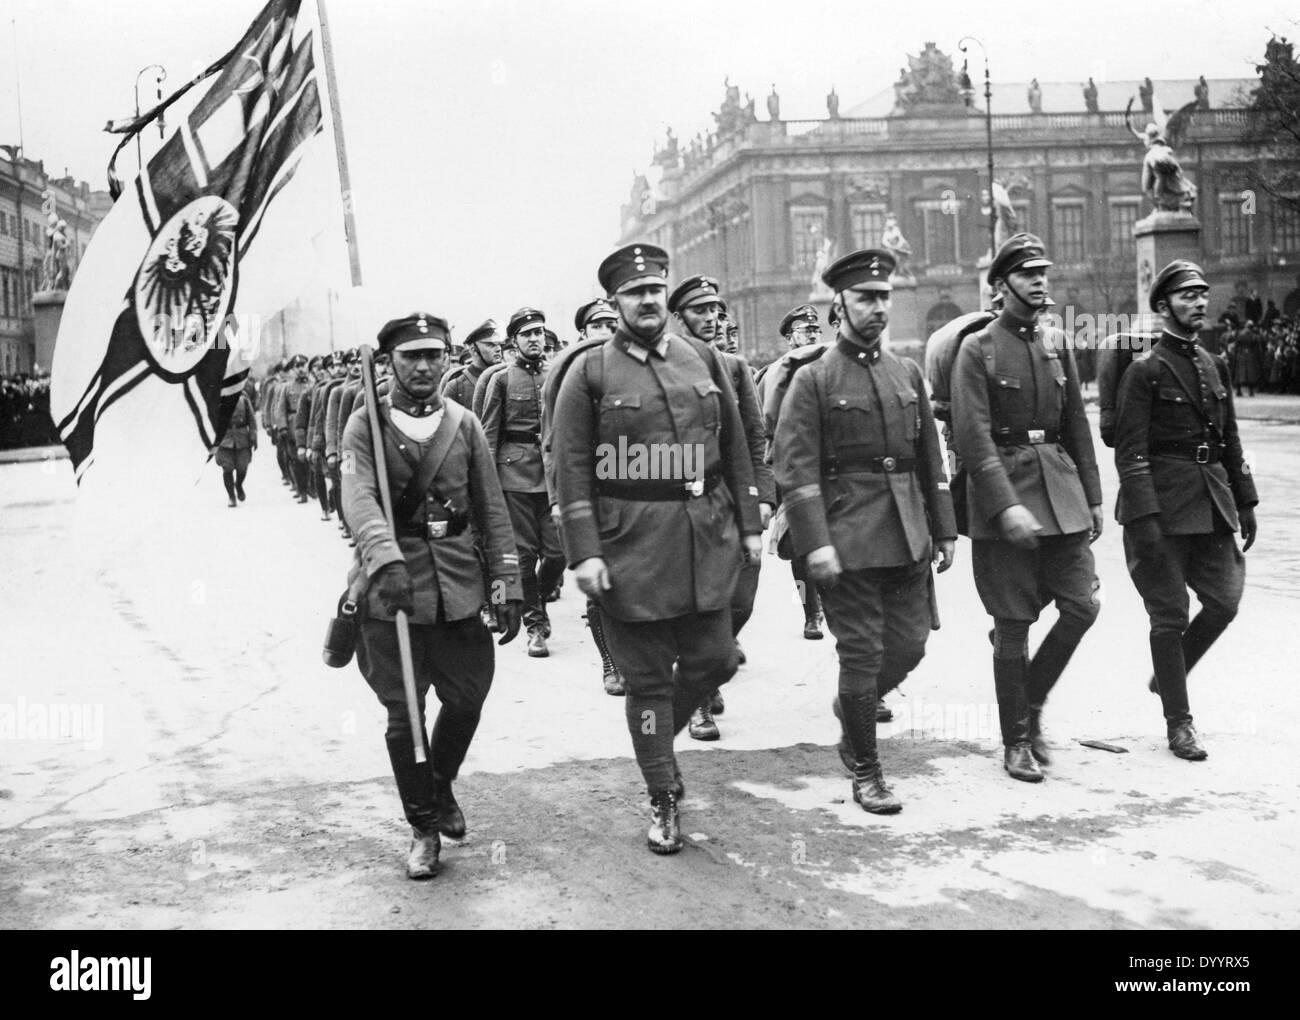 March of ' Der Stahlhelm' in B...